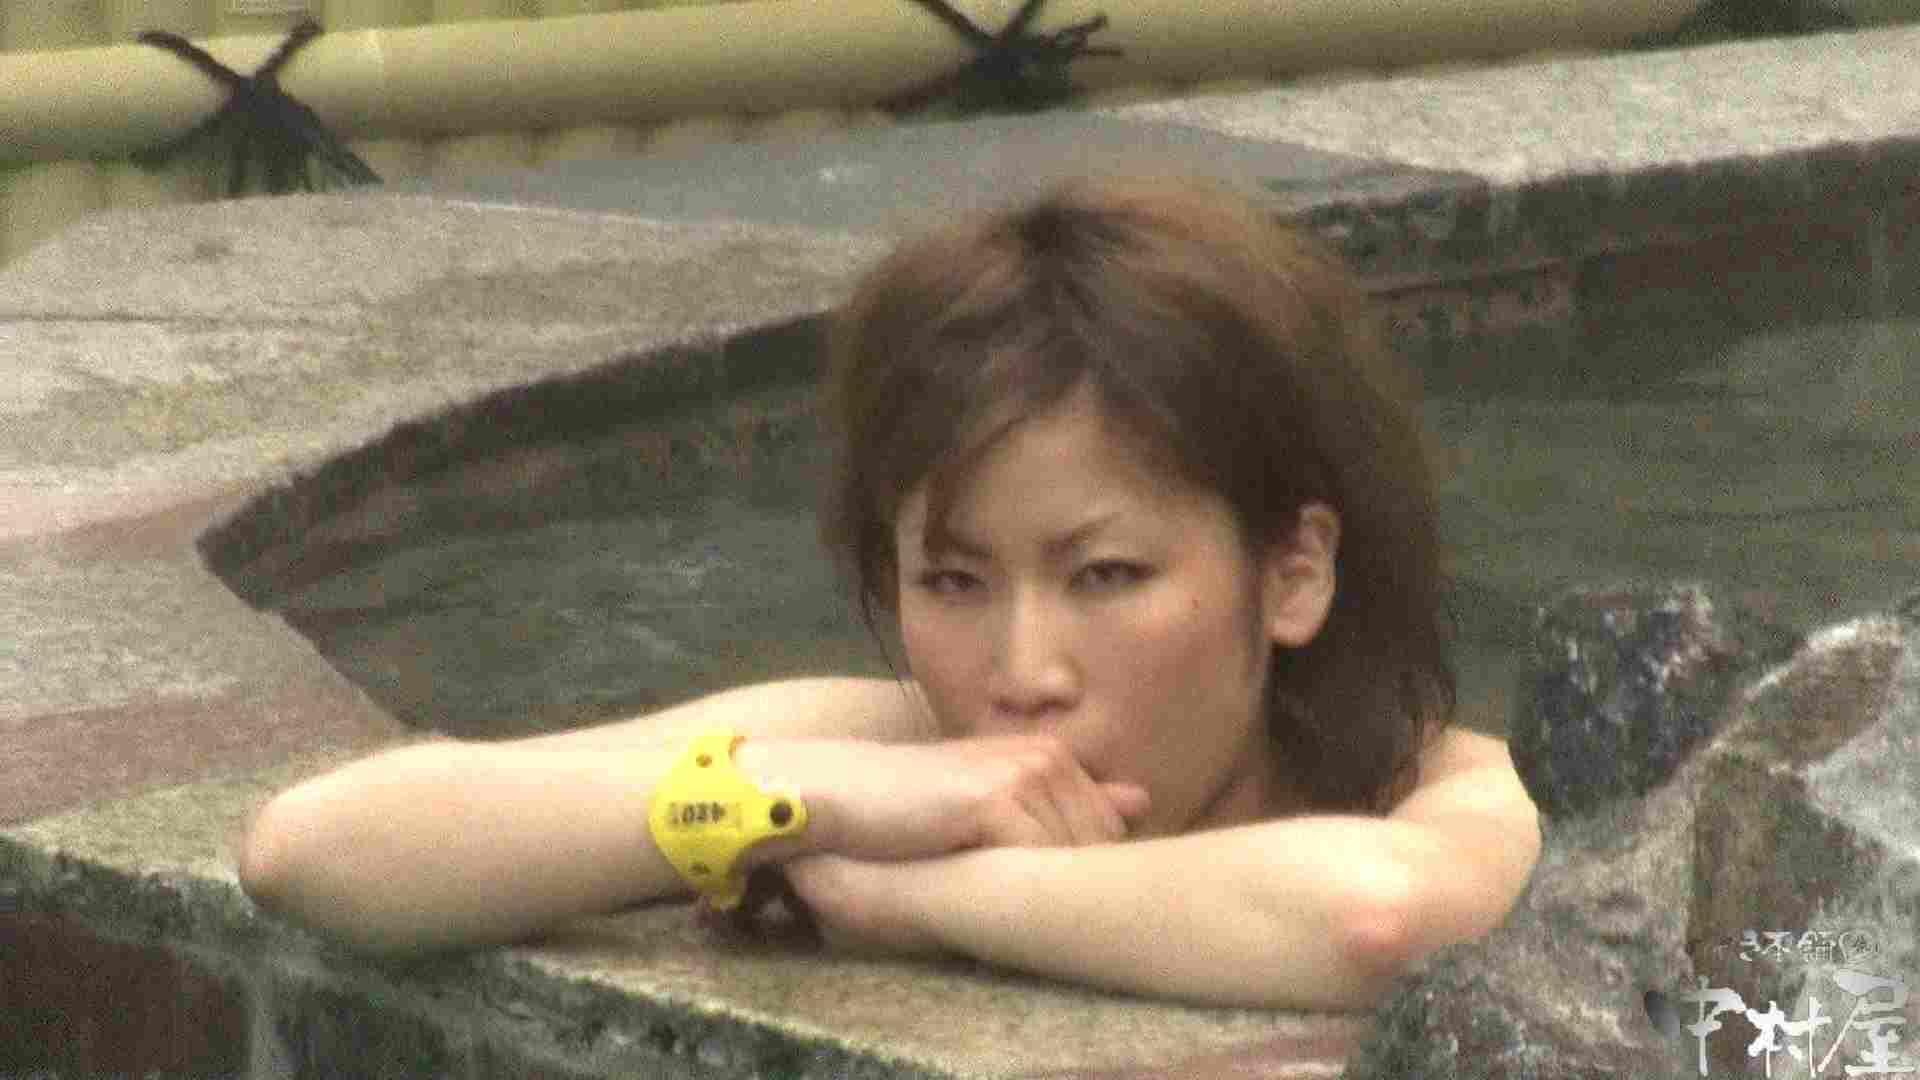 Aquaな露天風呂Vol.918 OL  101pic 15